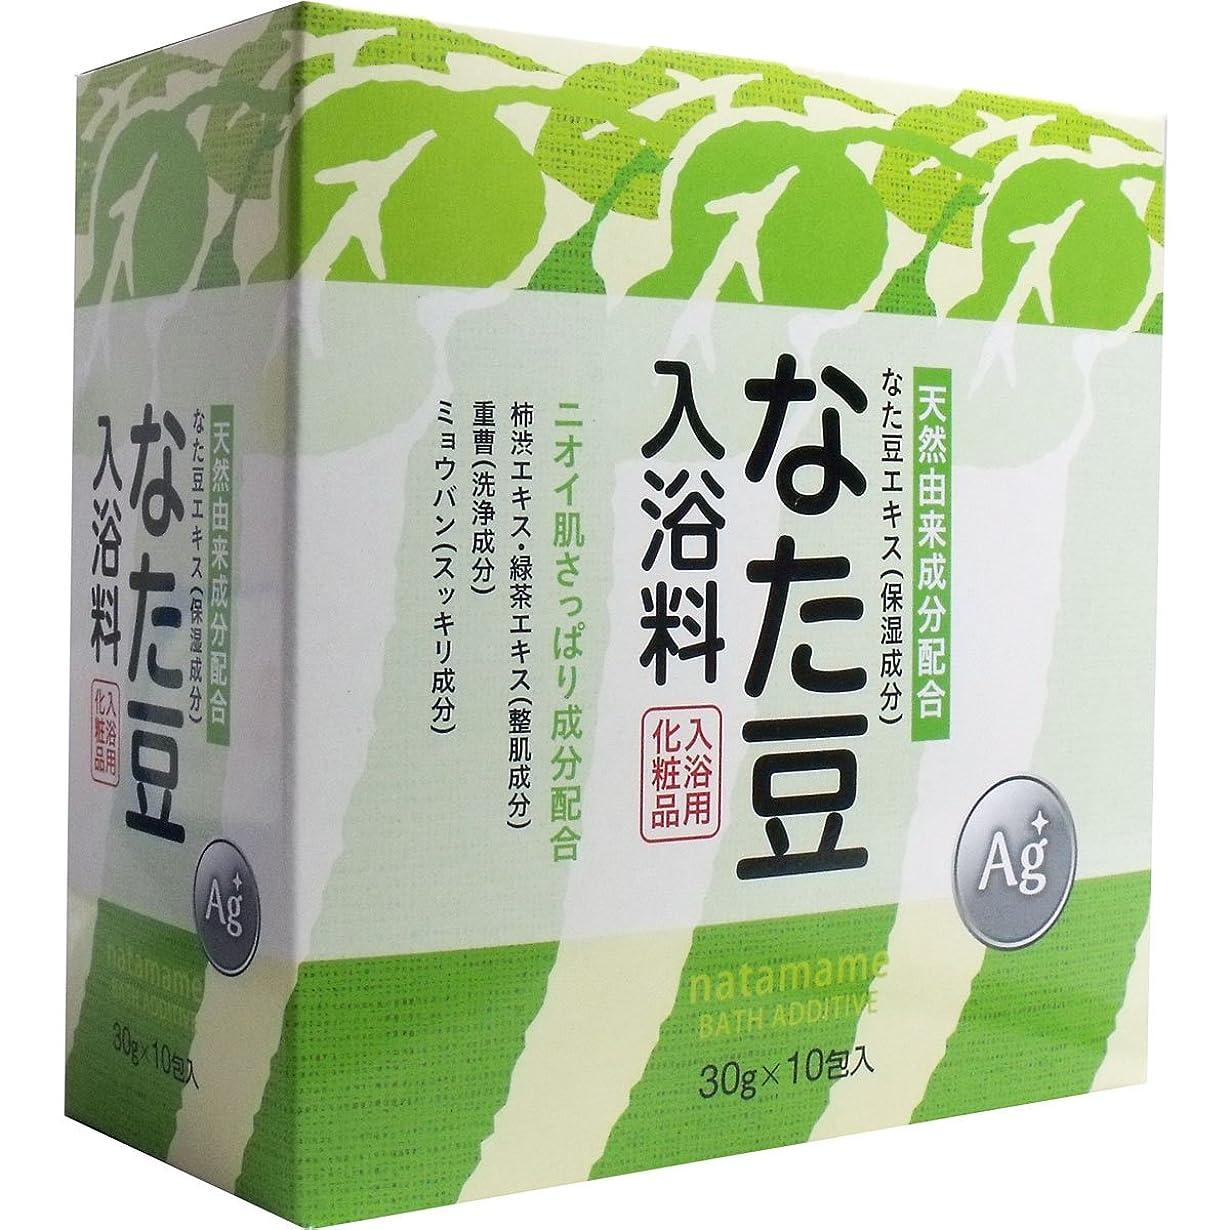 サーカスビット言い訳なた豆入浴料 入浴用化粧品 30g×10包入×6